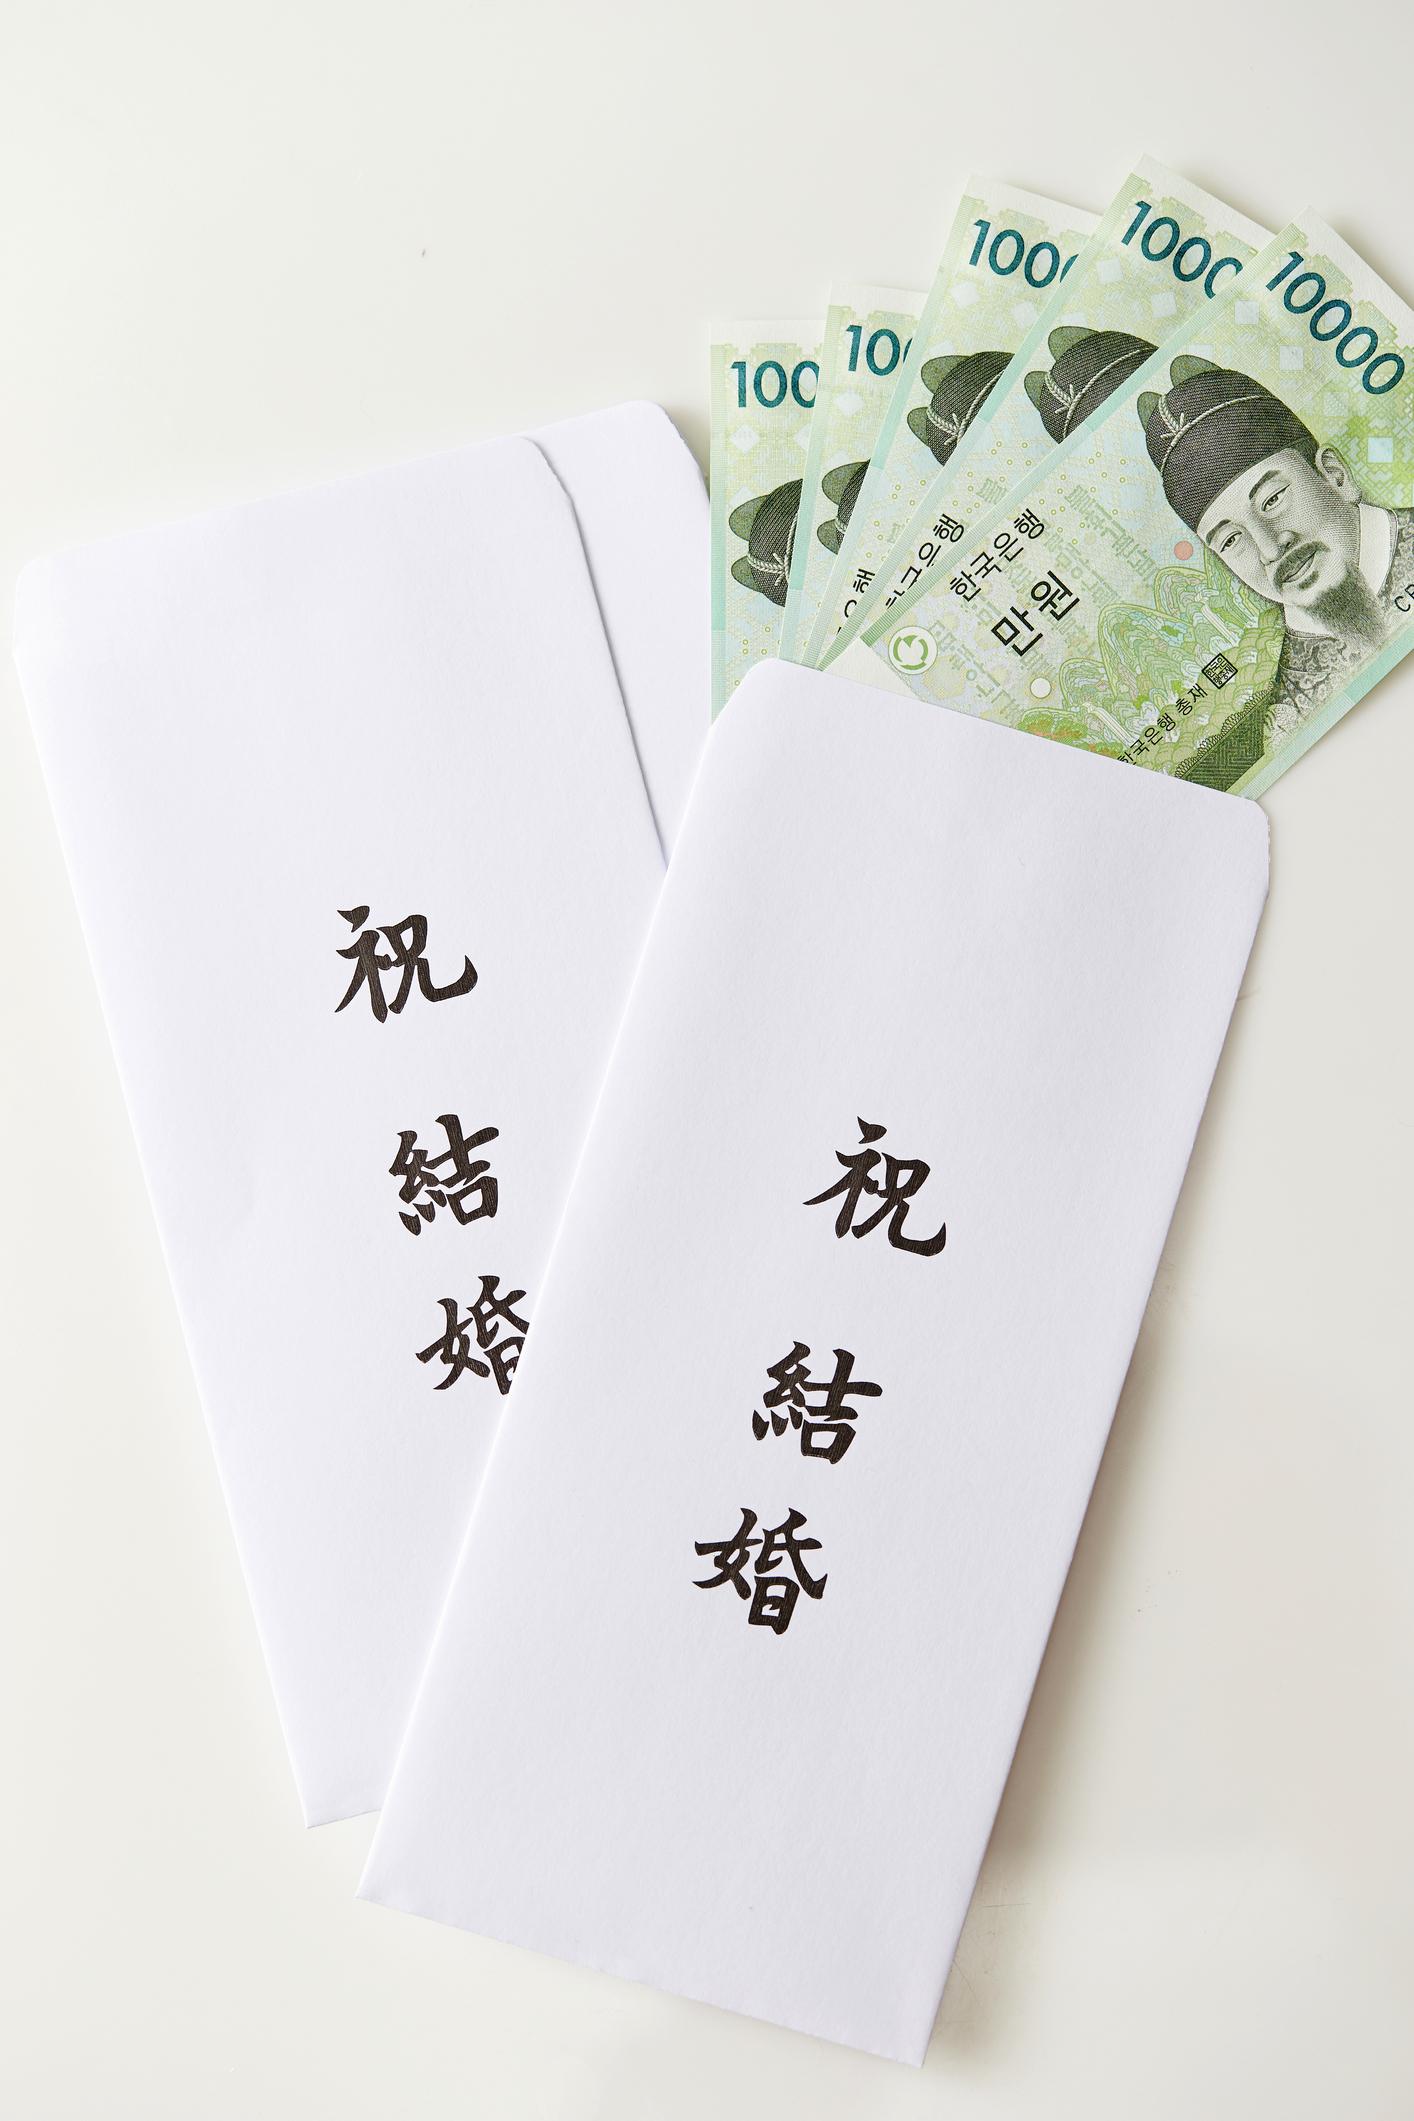 韓国式 結婚式 御祝儀袋